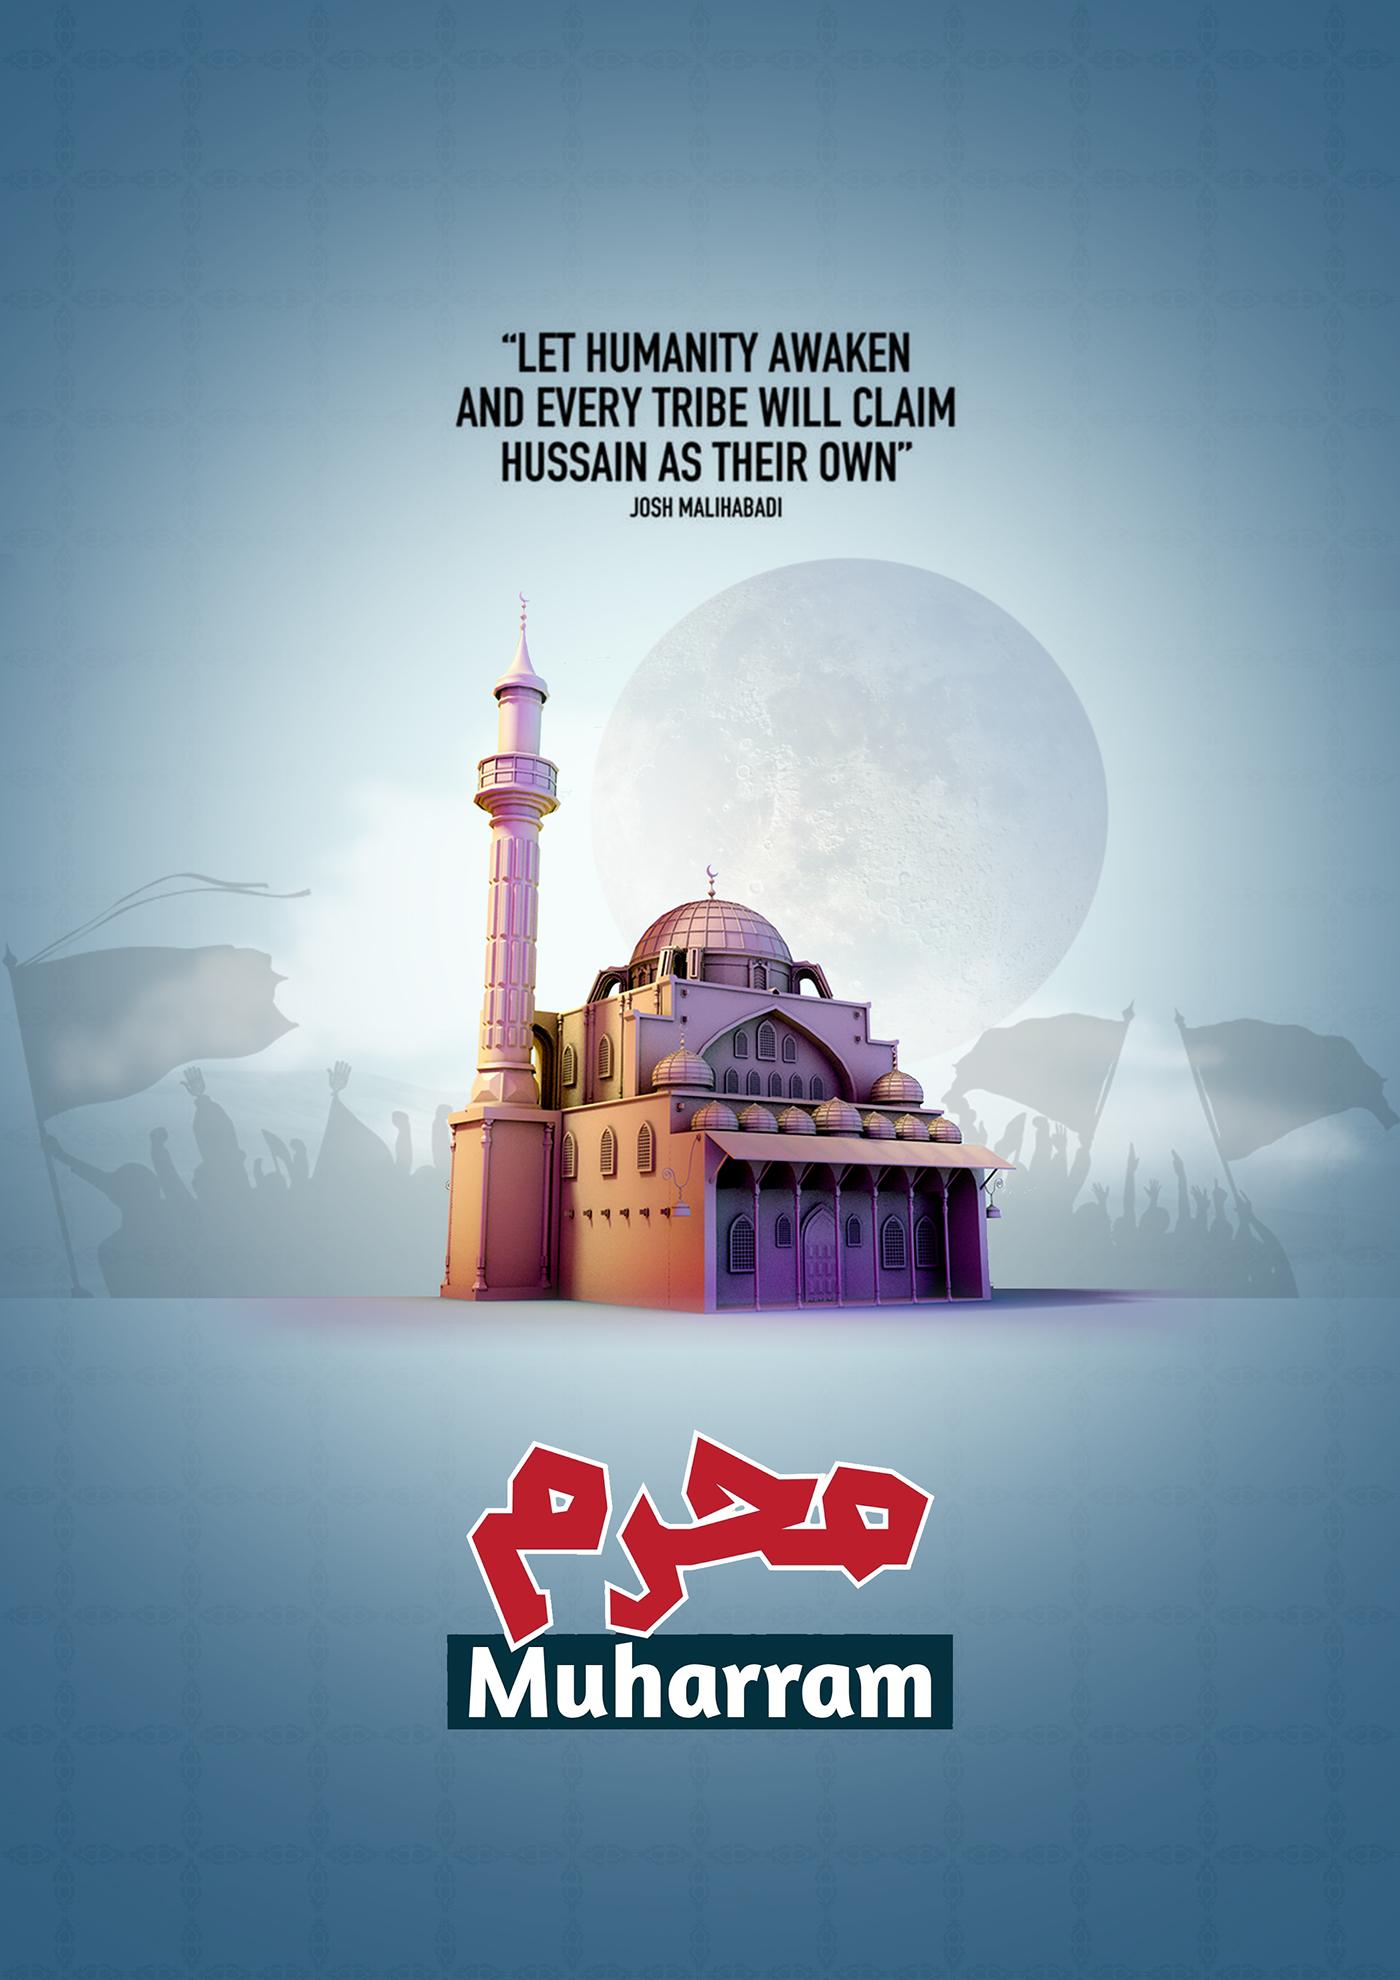 Muharram Ashura new year islam